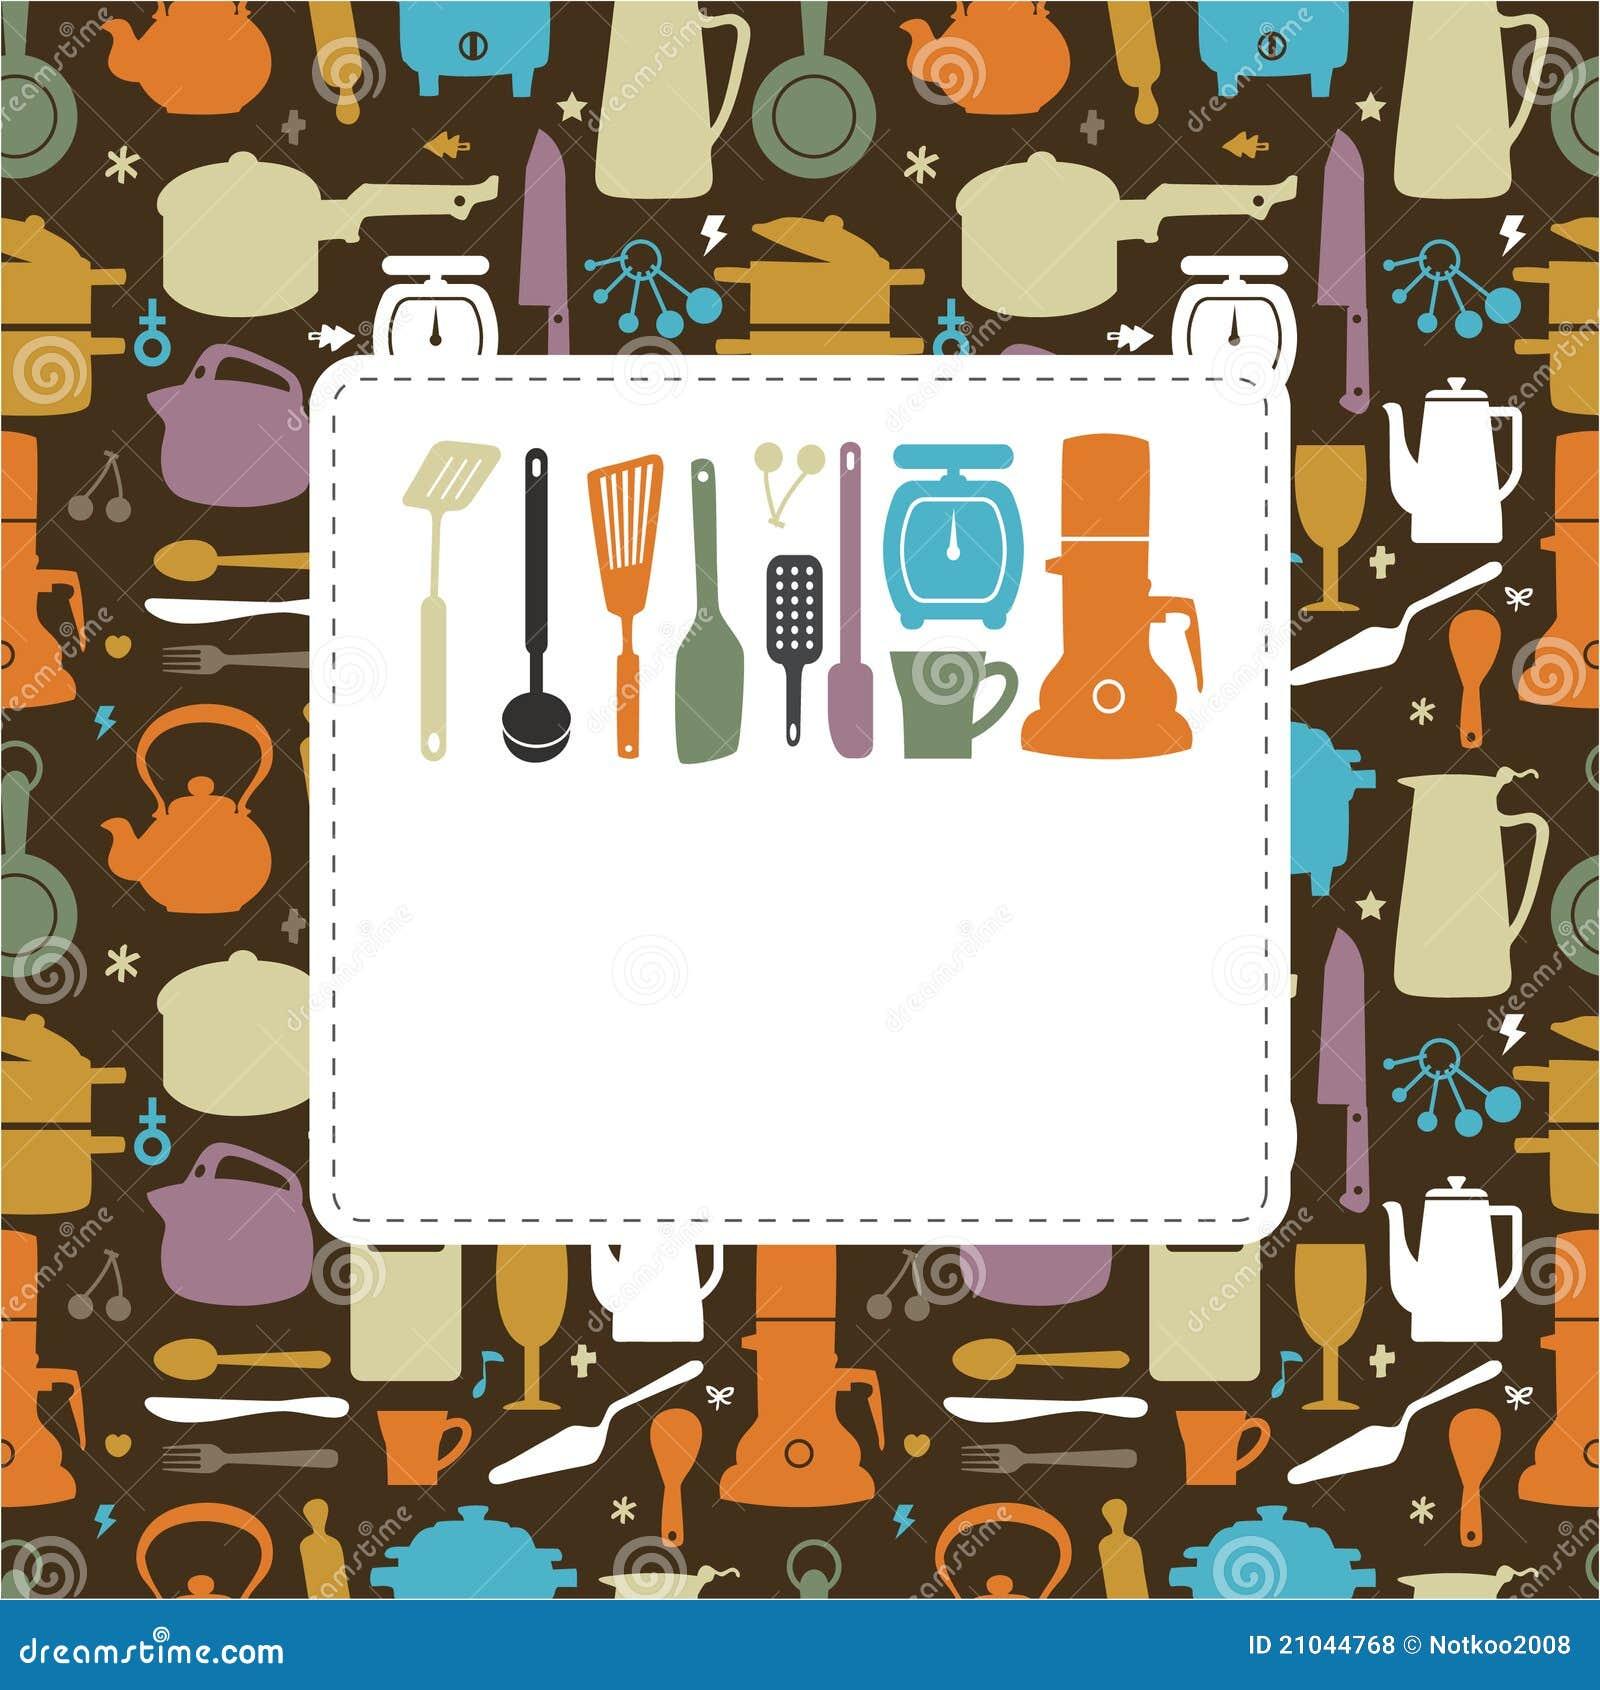 #AB6620 Mais imagens similares de ` Cartão da cozinha dos desenhos animados ` 1300x1390 px Nova Cozinha Desenhos Imagens_617 Imagens